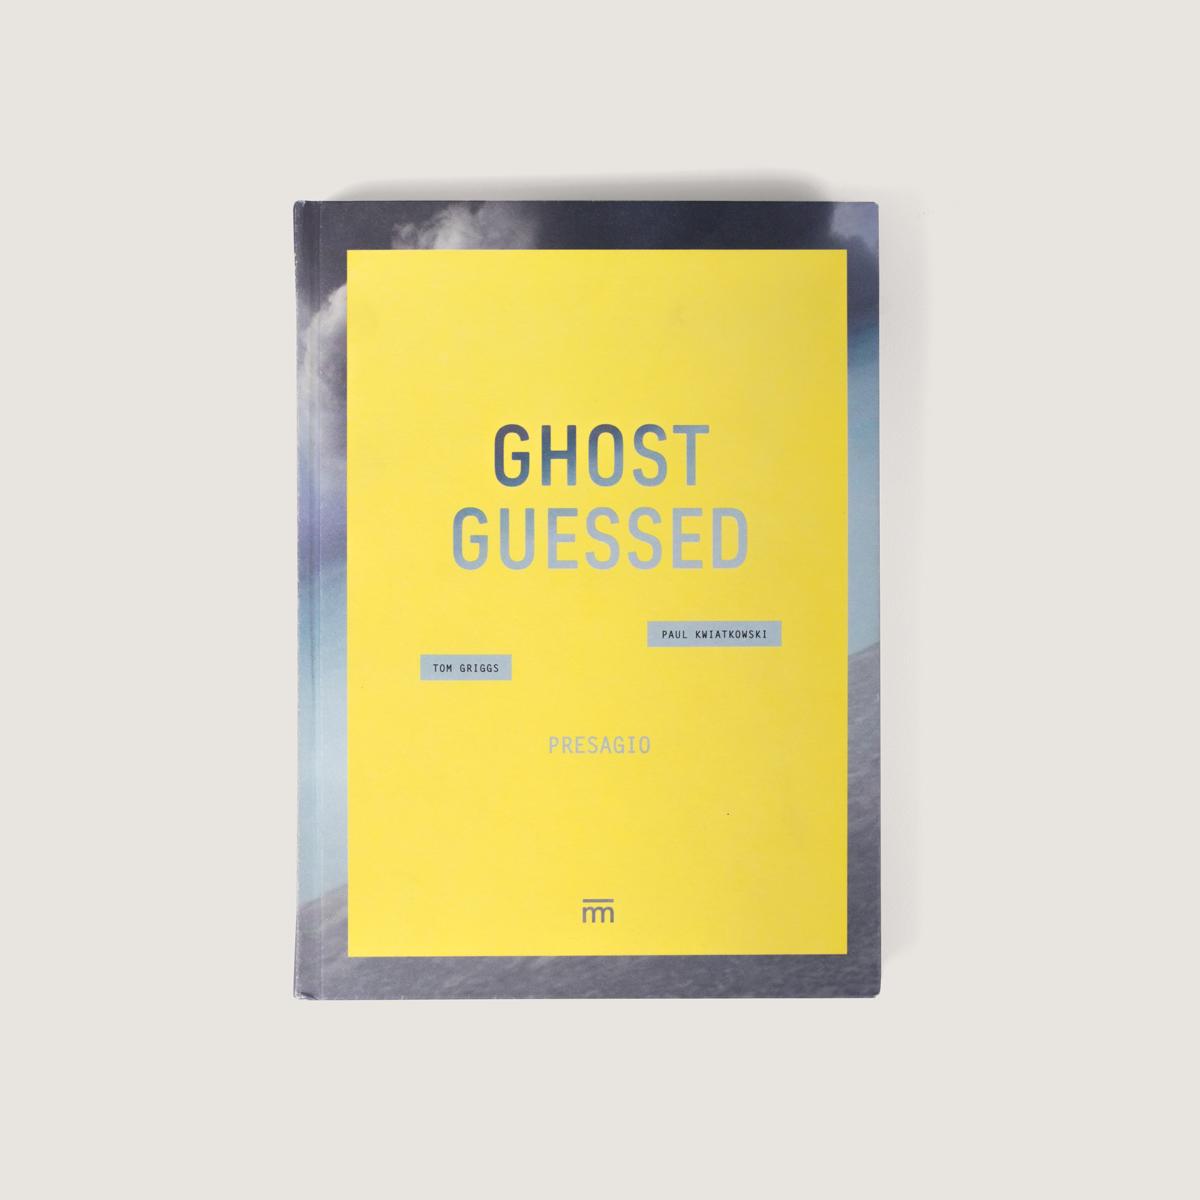 ghostguessed.jpg